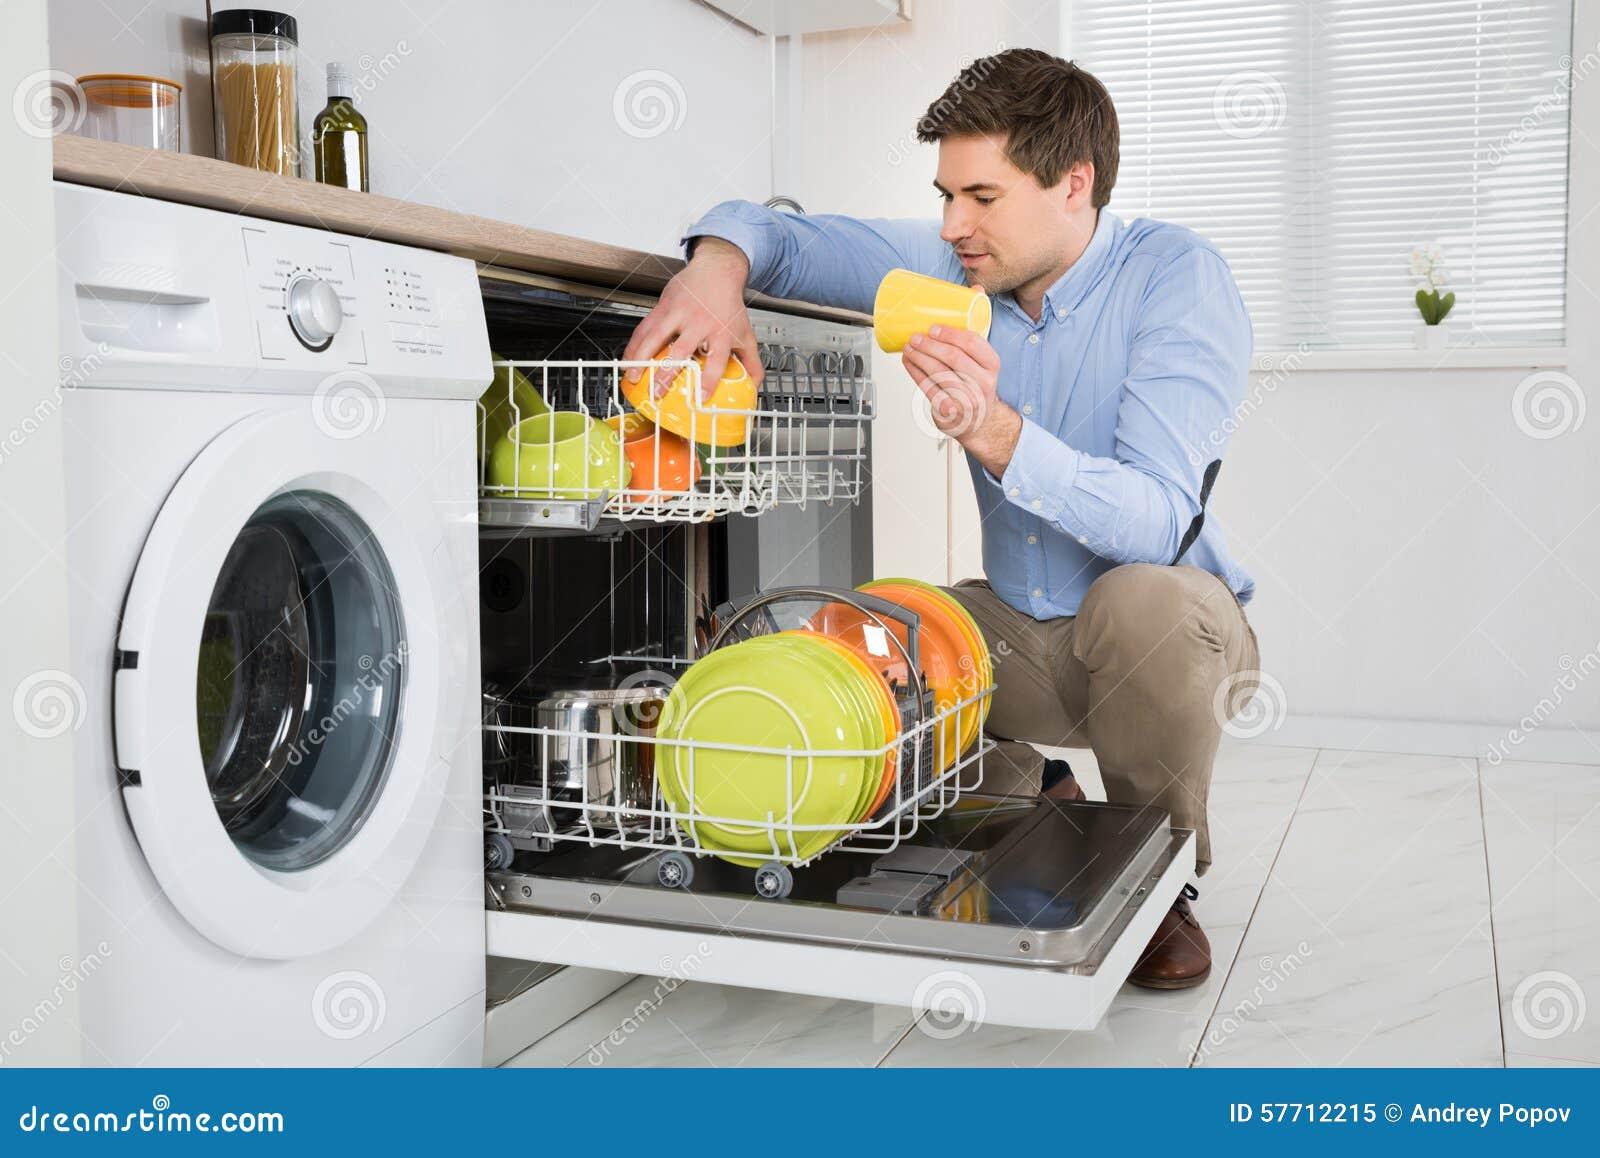 Homem que arranja pratos na máquina de lavar louça